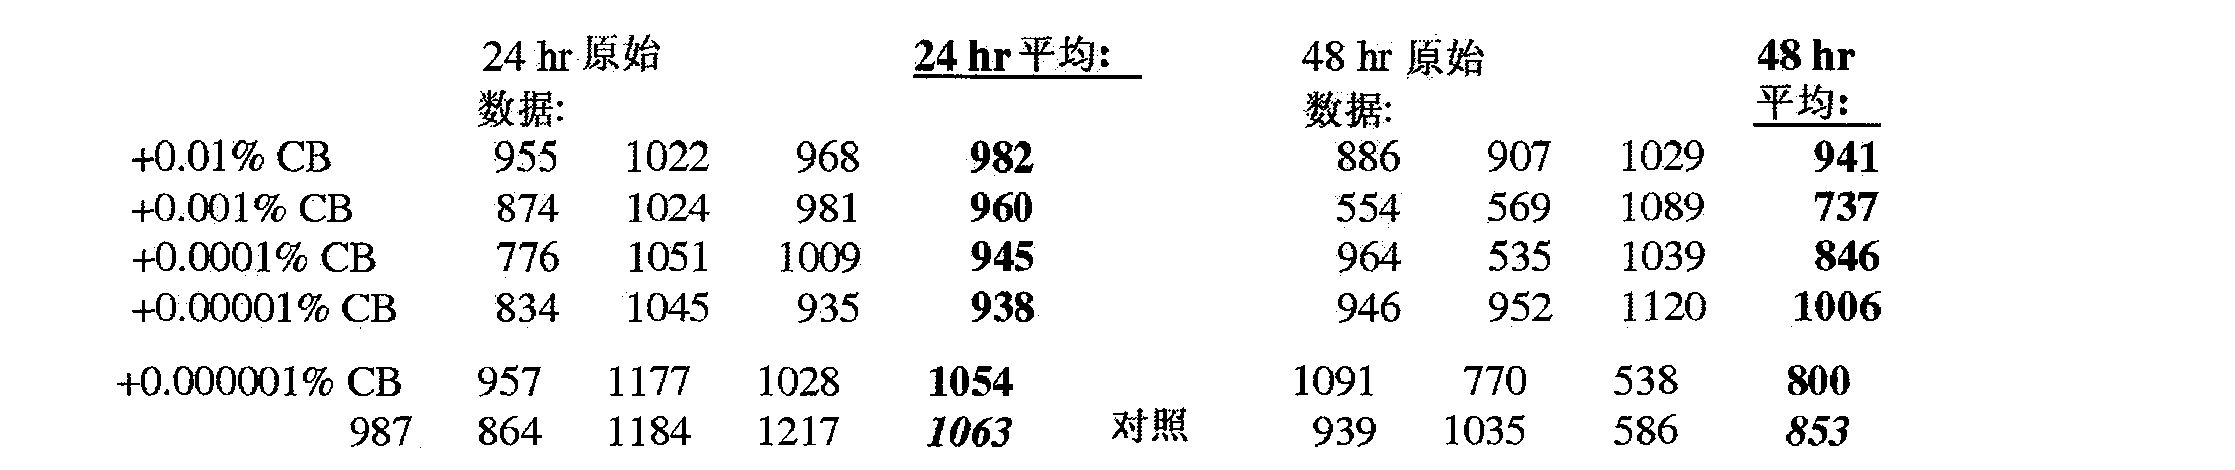 平均 知能 指数